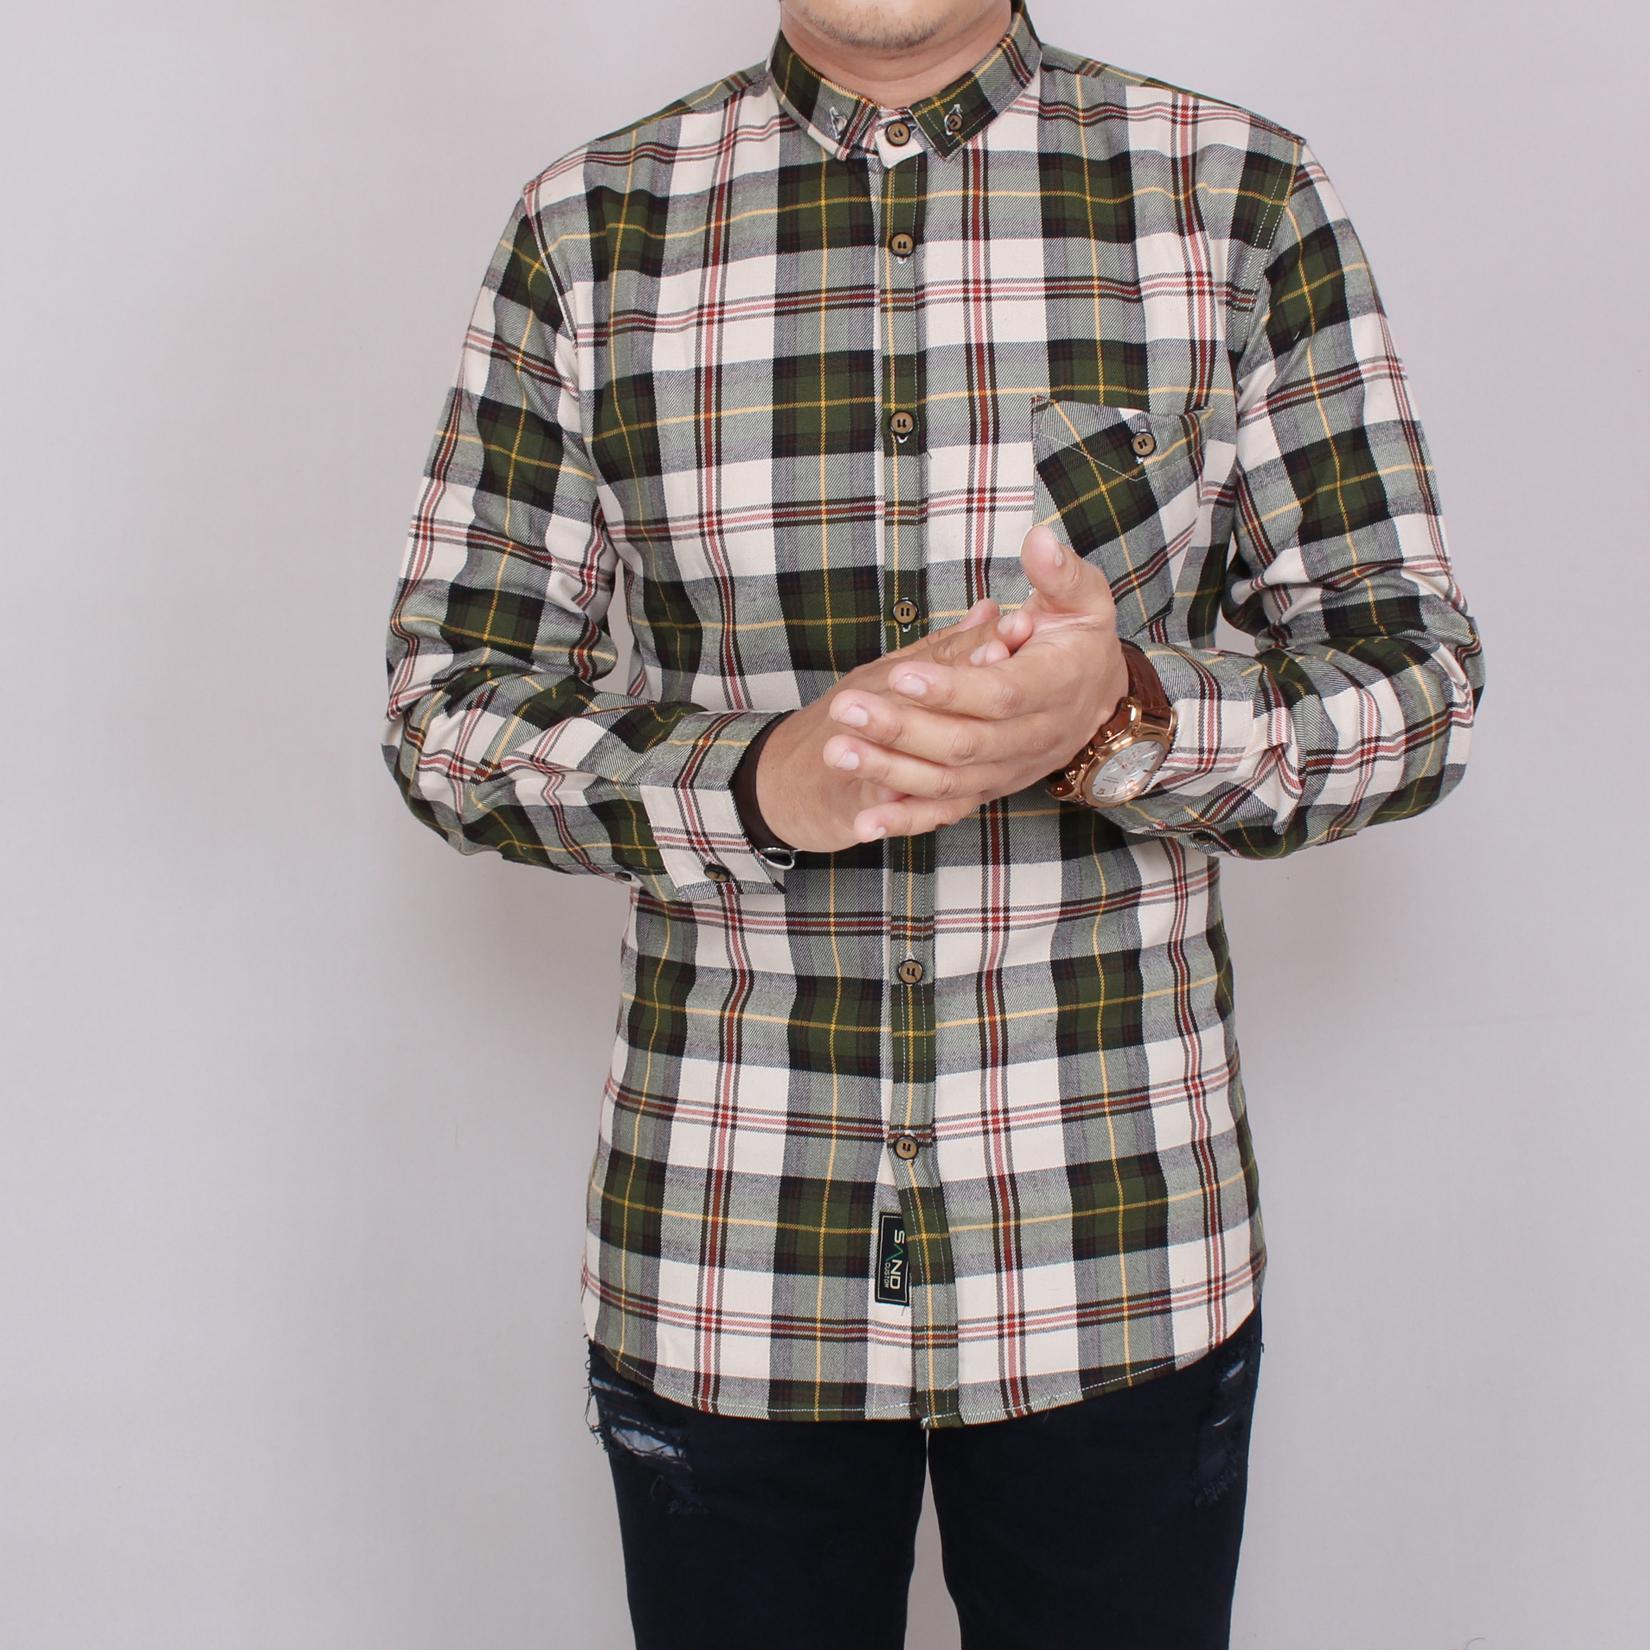 Zoeystore 5851 Kemeja Flanel Pria Lengan Pendek Exclusive Baju Kemeja Flannel Cowok Kerja Kantoran Formal Kemeja Distro Putih Kotak Hijau Lumut